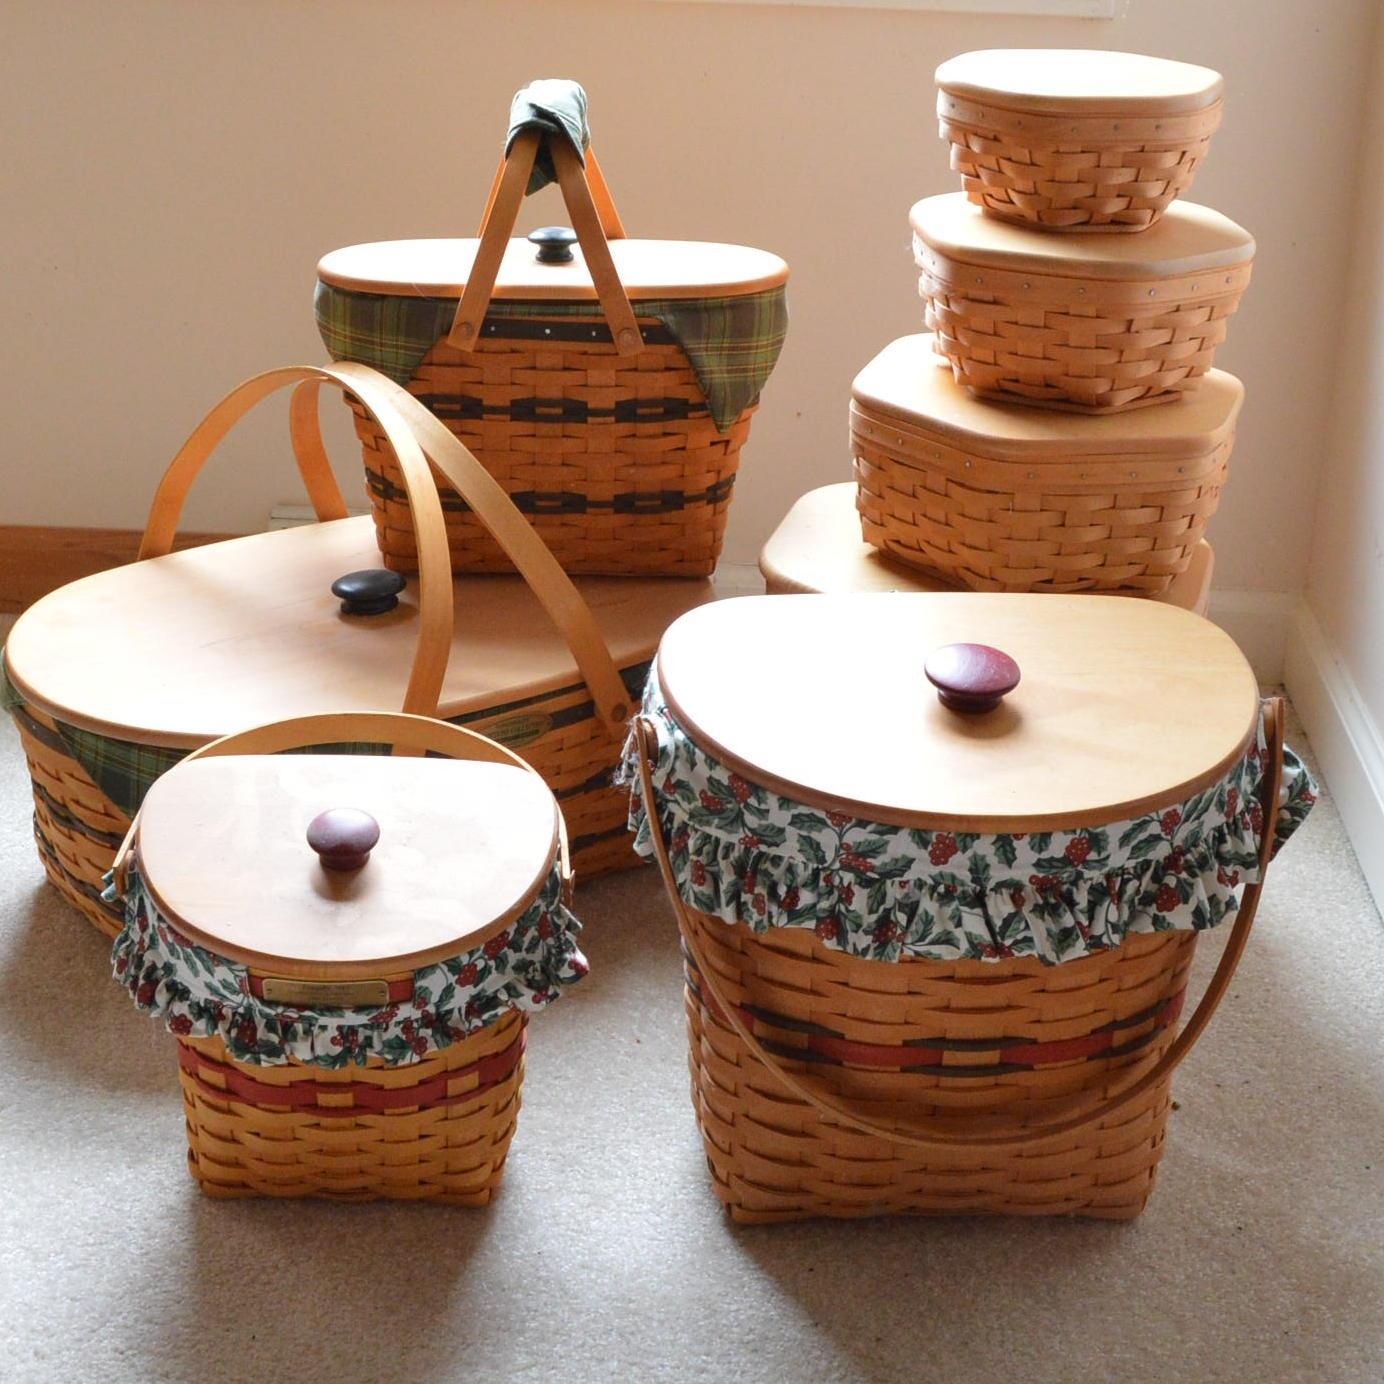 Longaberger Wicker Baskets